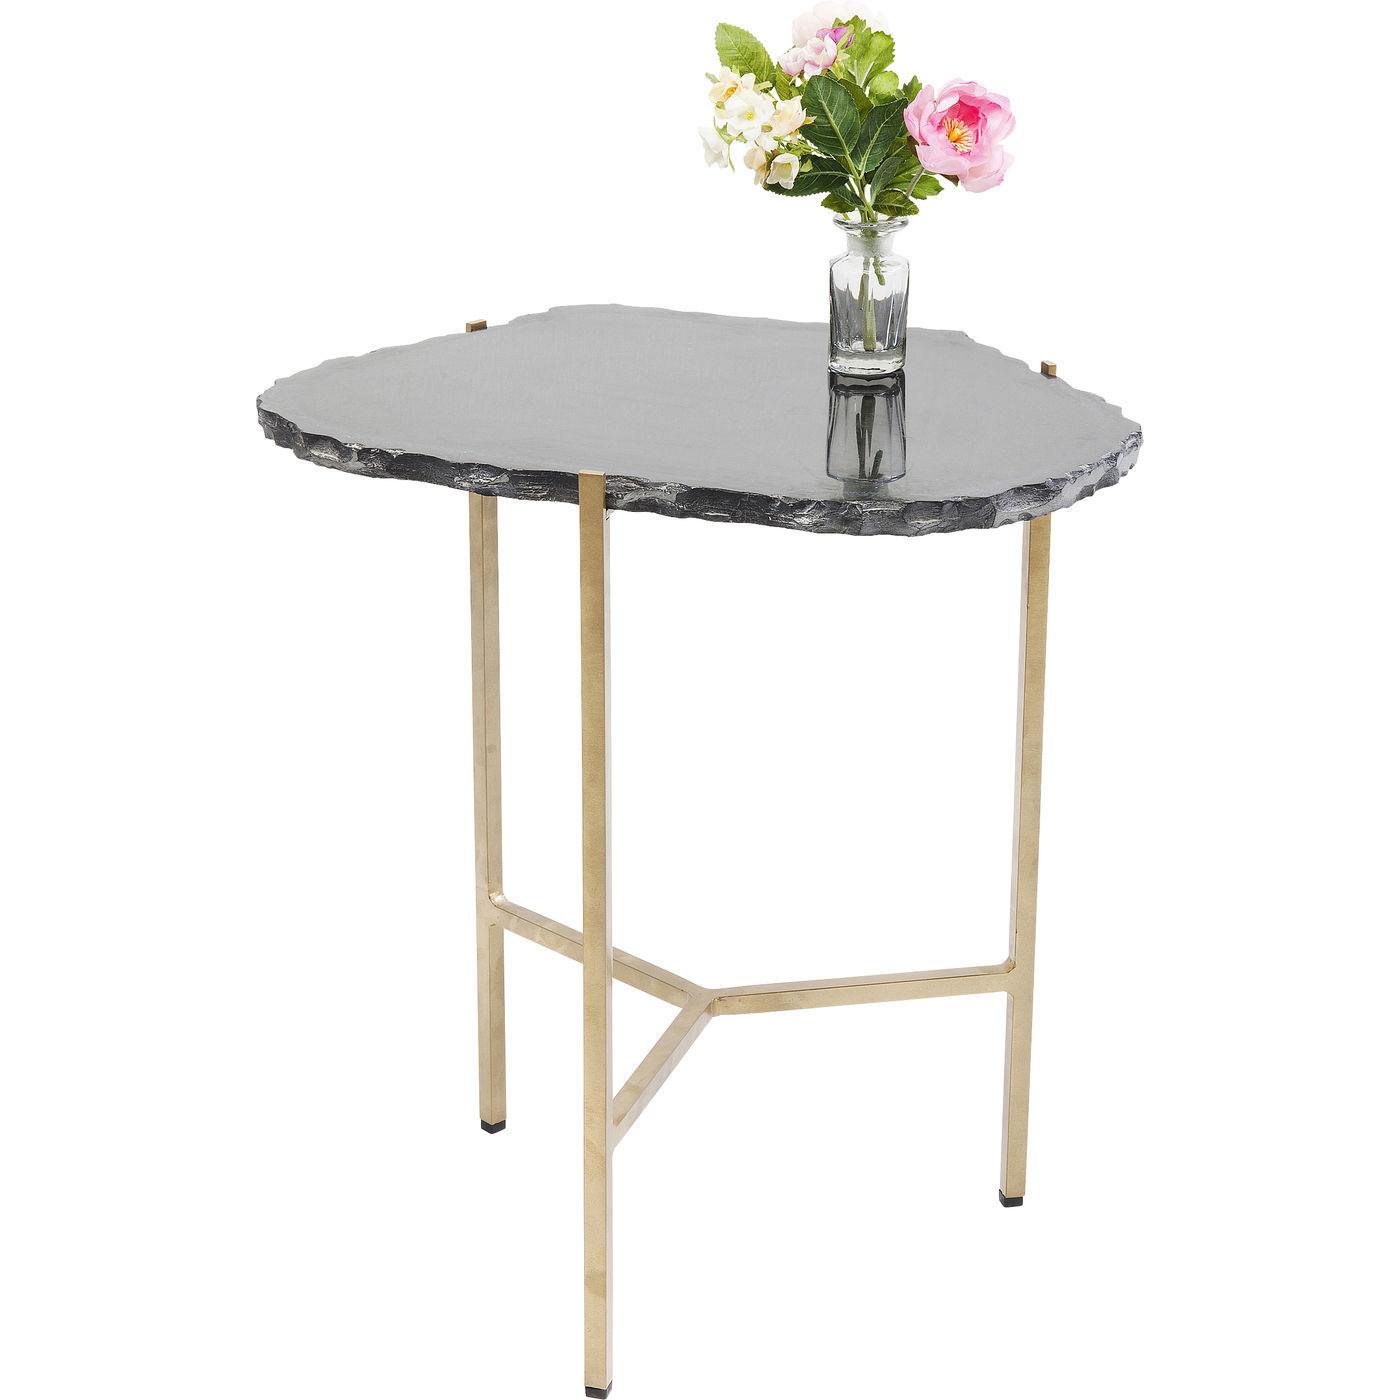 kare design – Kare design piedra black sidebord - sort granit/guld stål på boboonline.dk